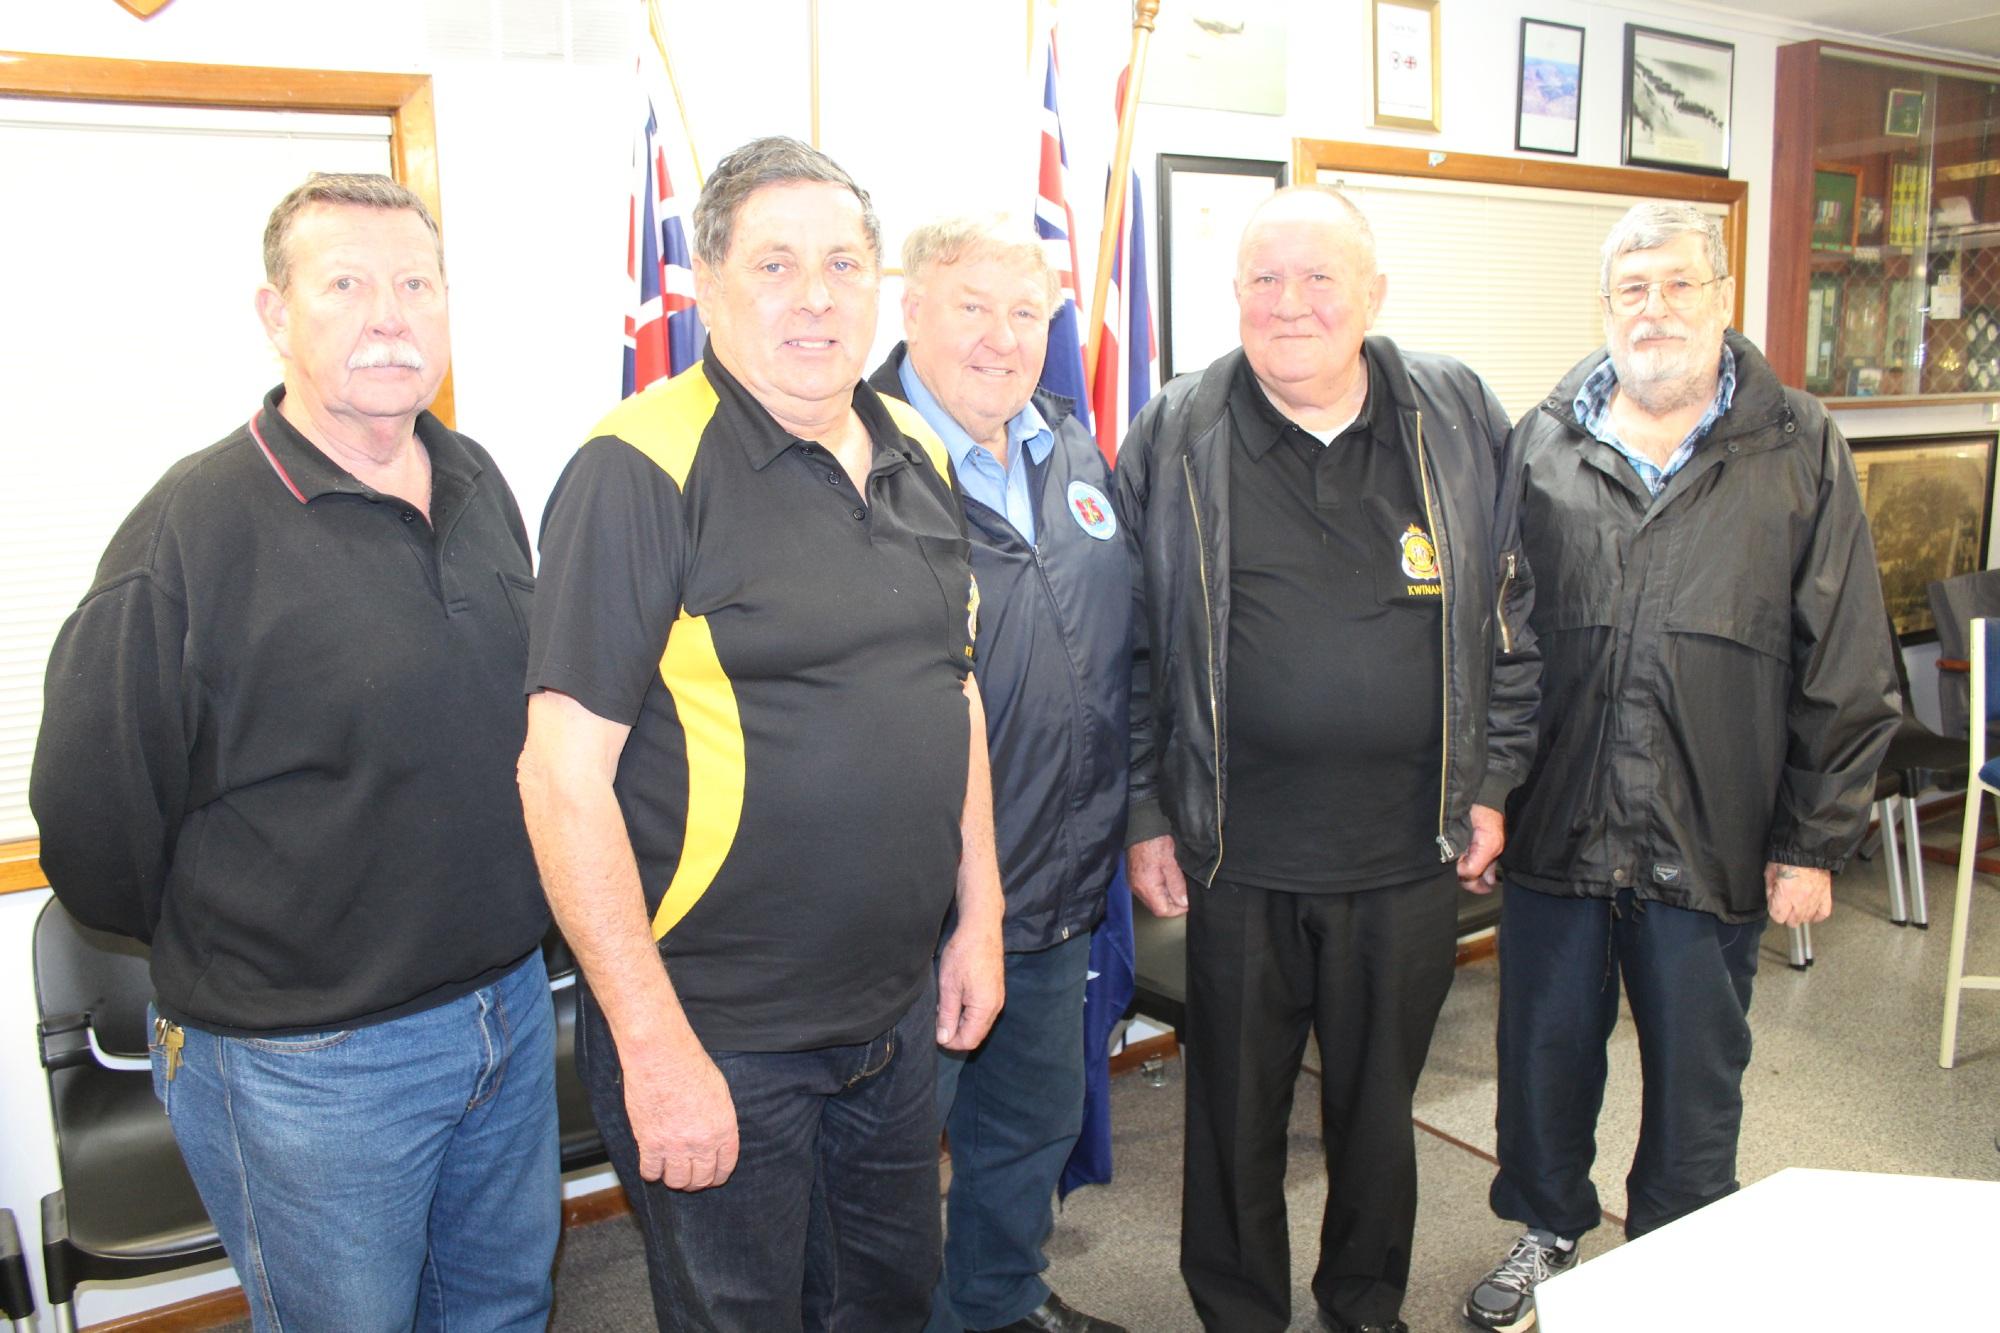 RSL member Don Buchanan, Kwinana RSL president Dave Spillman and fellow members Morris Danks, Peter Short and Dennis Humphrys.